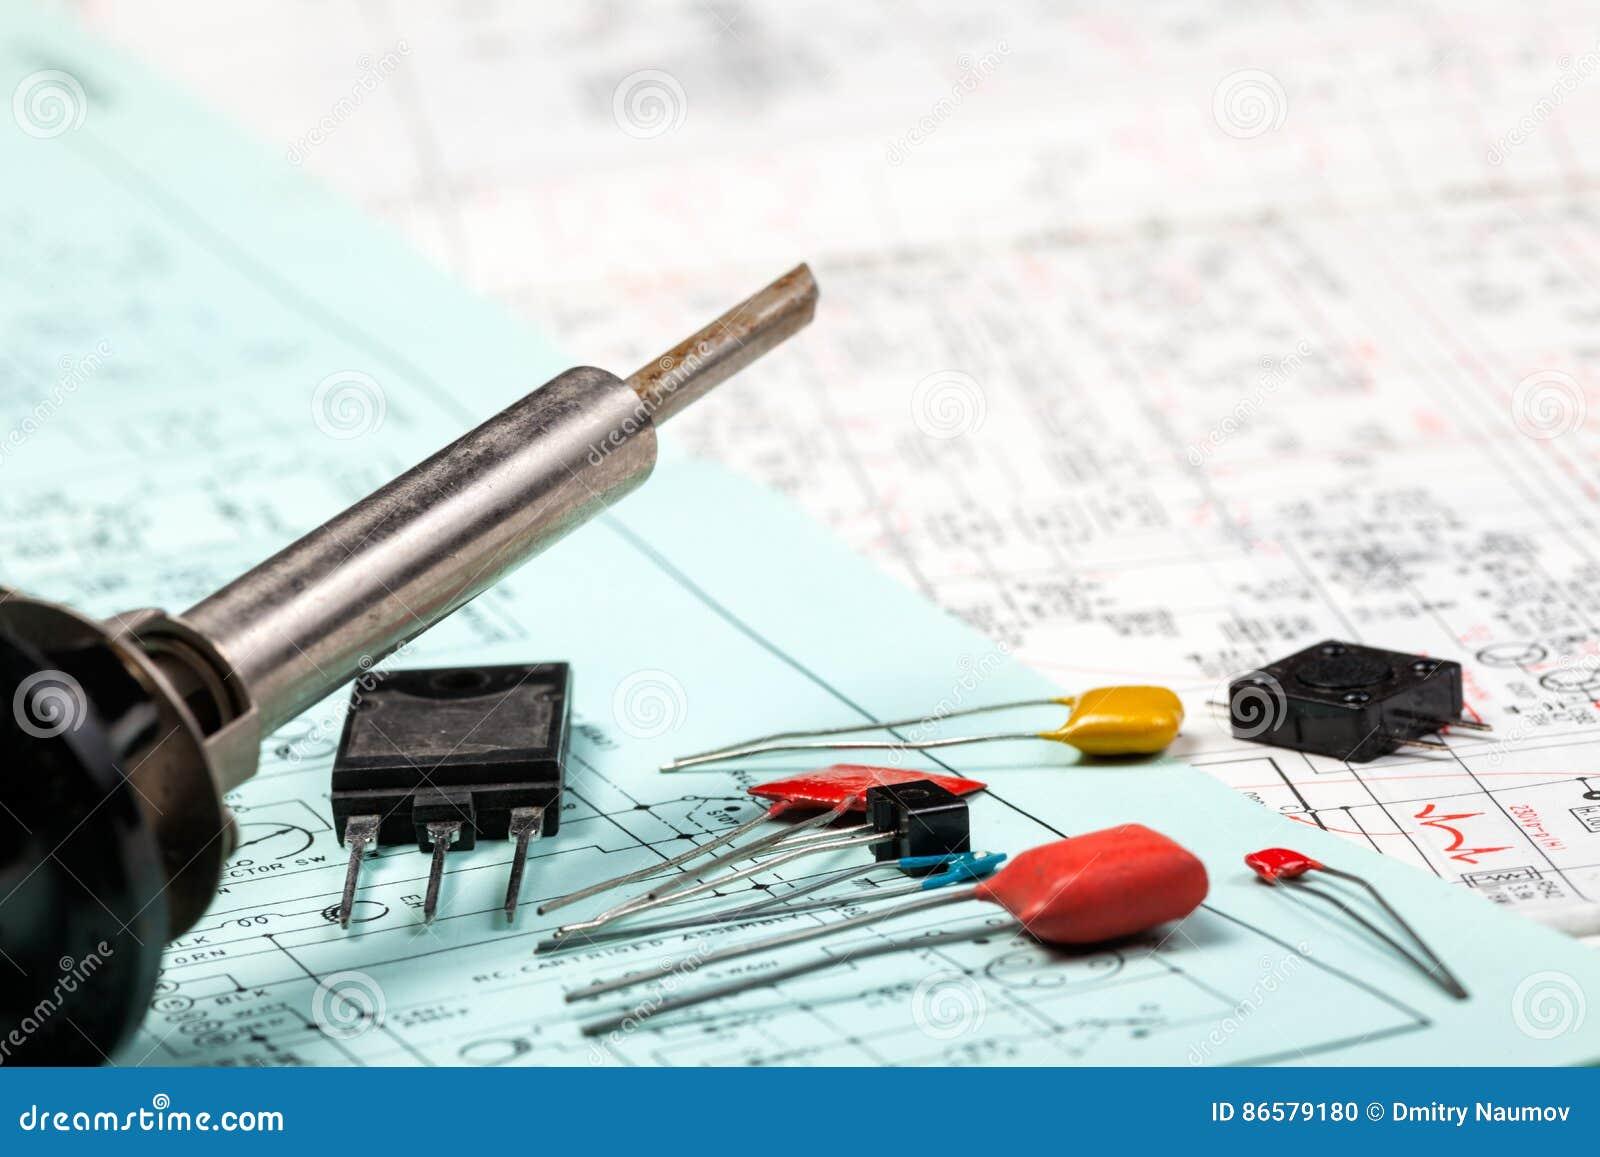 Schemi Elettrici Came : Componenti elettronici e ferro sugli schemi elettrici fotografia